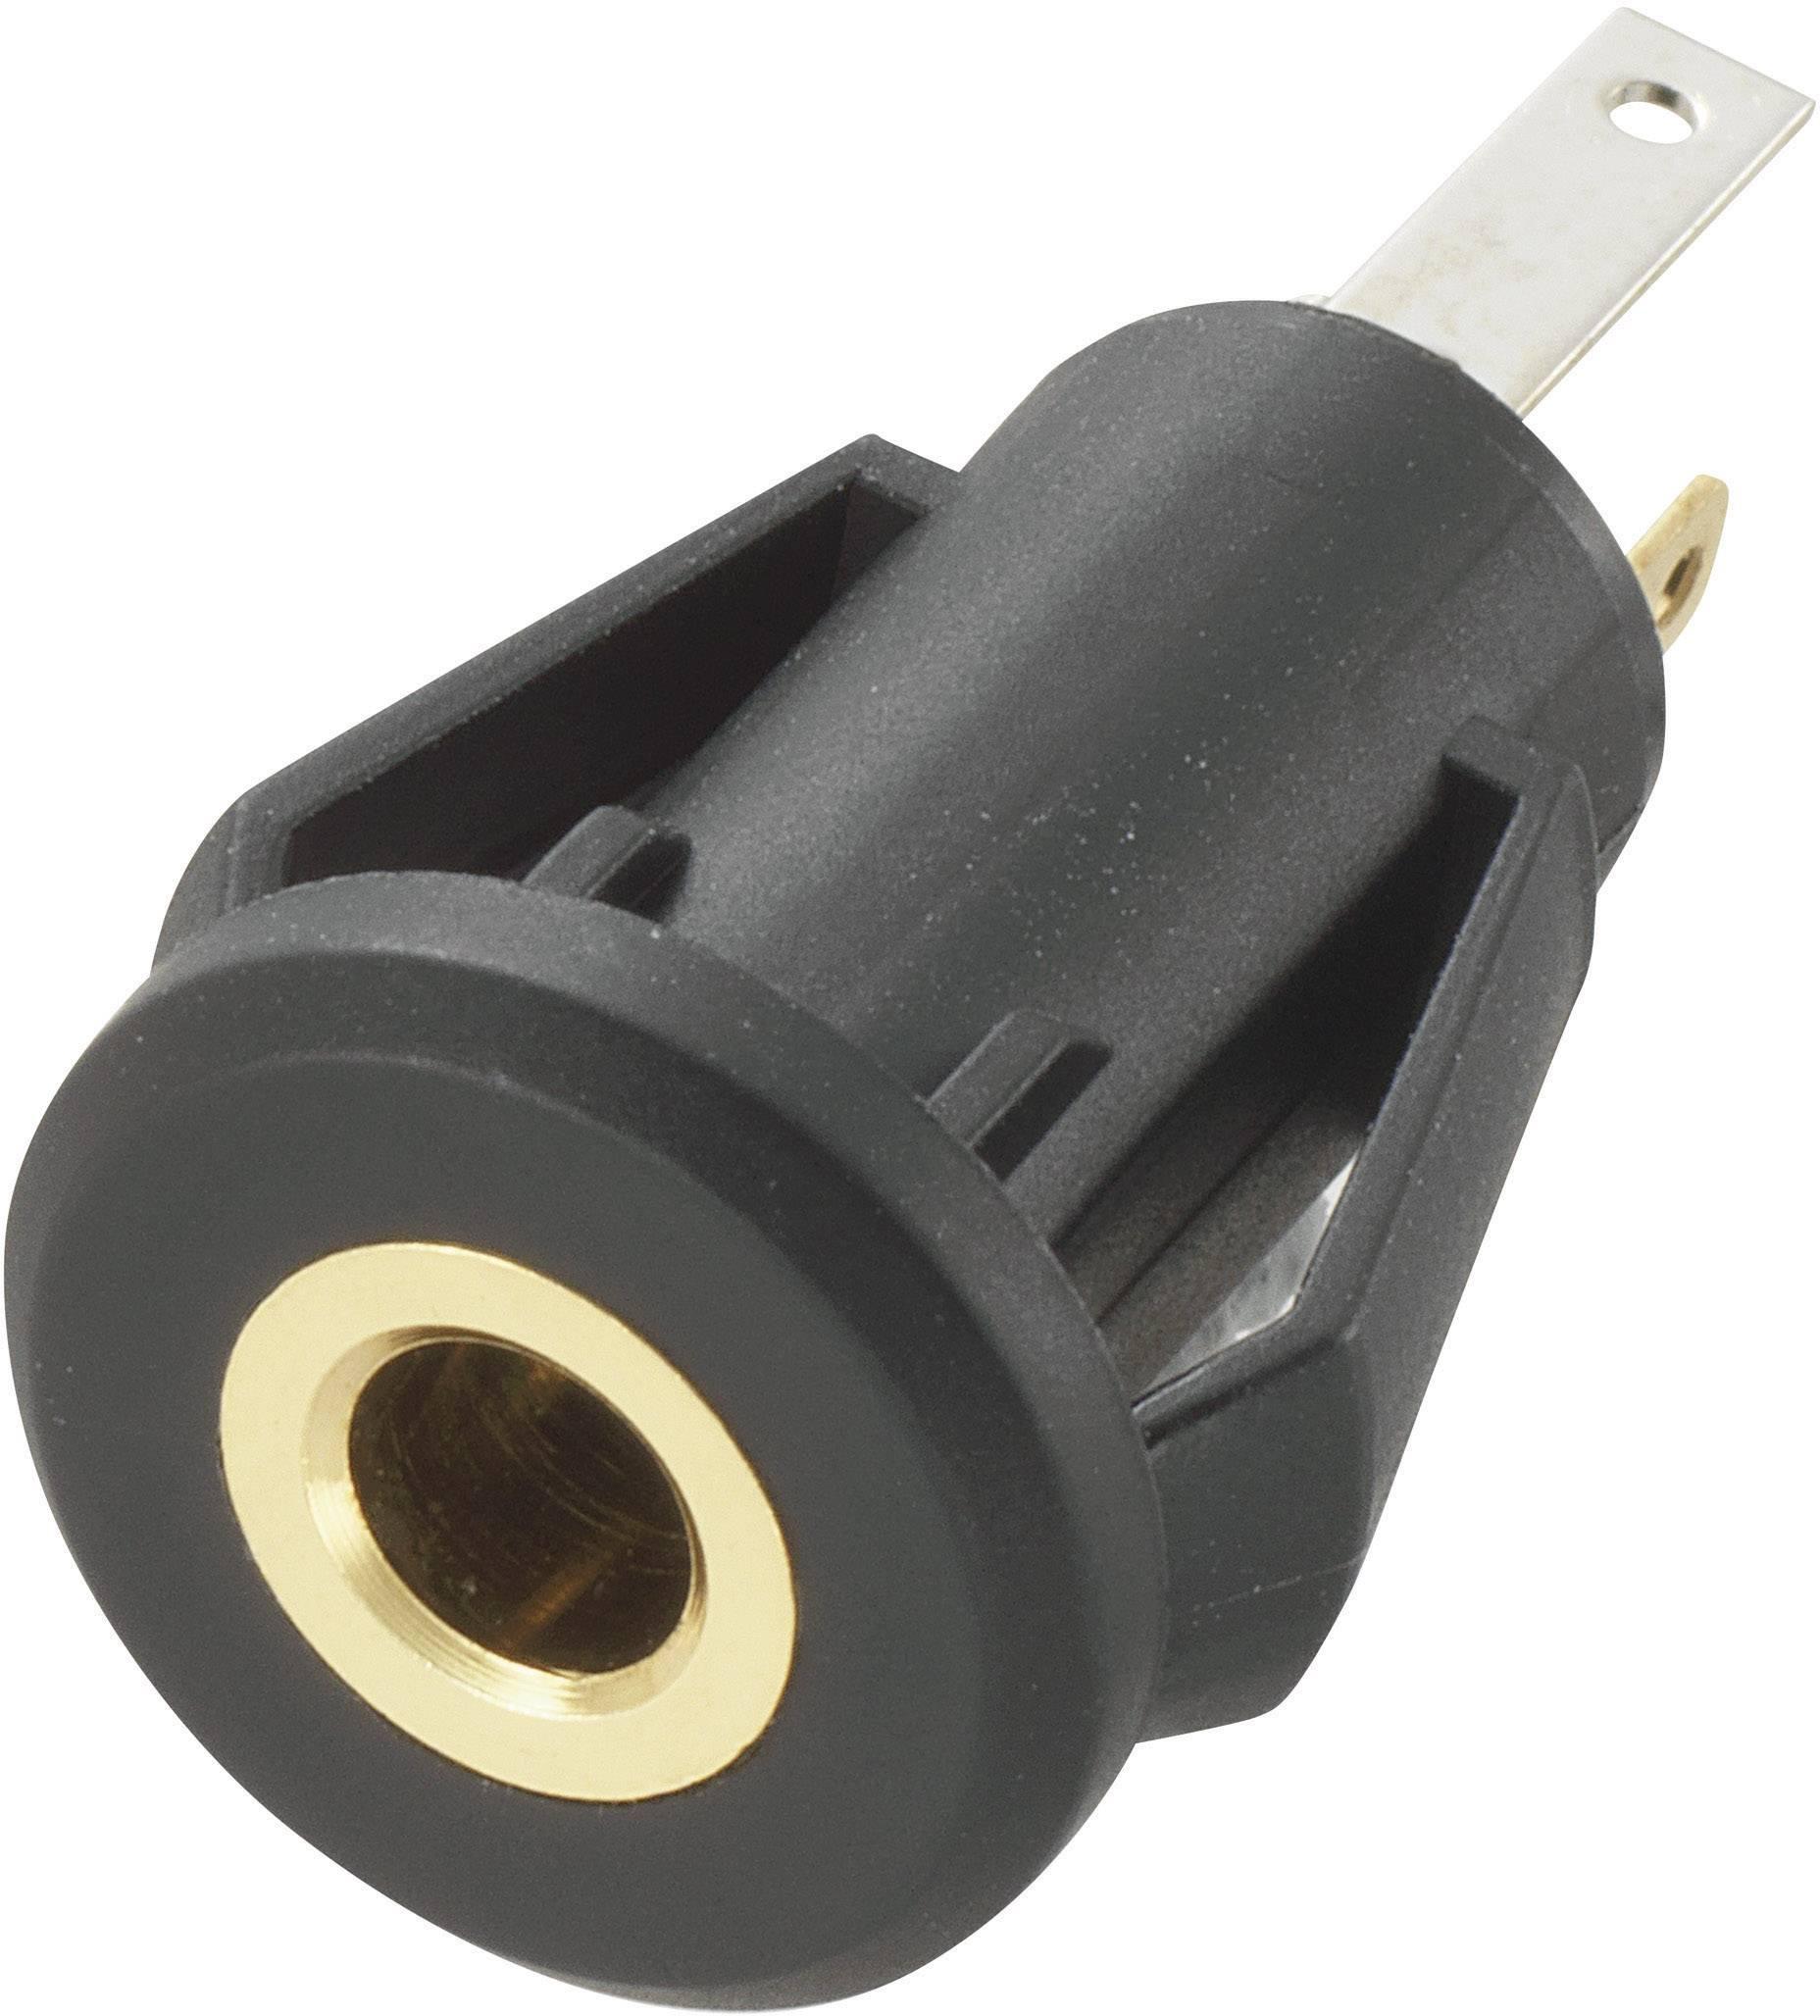 Jack konektor 3.5 mm TRU COMPONENTS stereo zásuvka, vestavná vertikální, pólů 3, černá, 1 ks